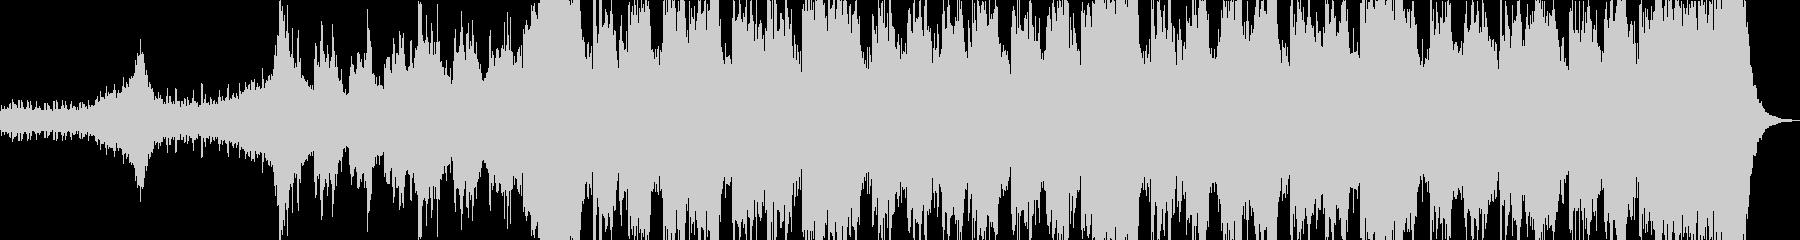 明るくインパクトある壮大なオーケストラの未再生の波形